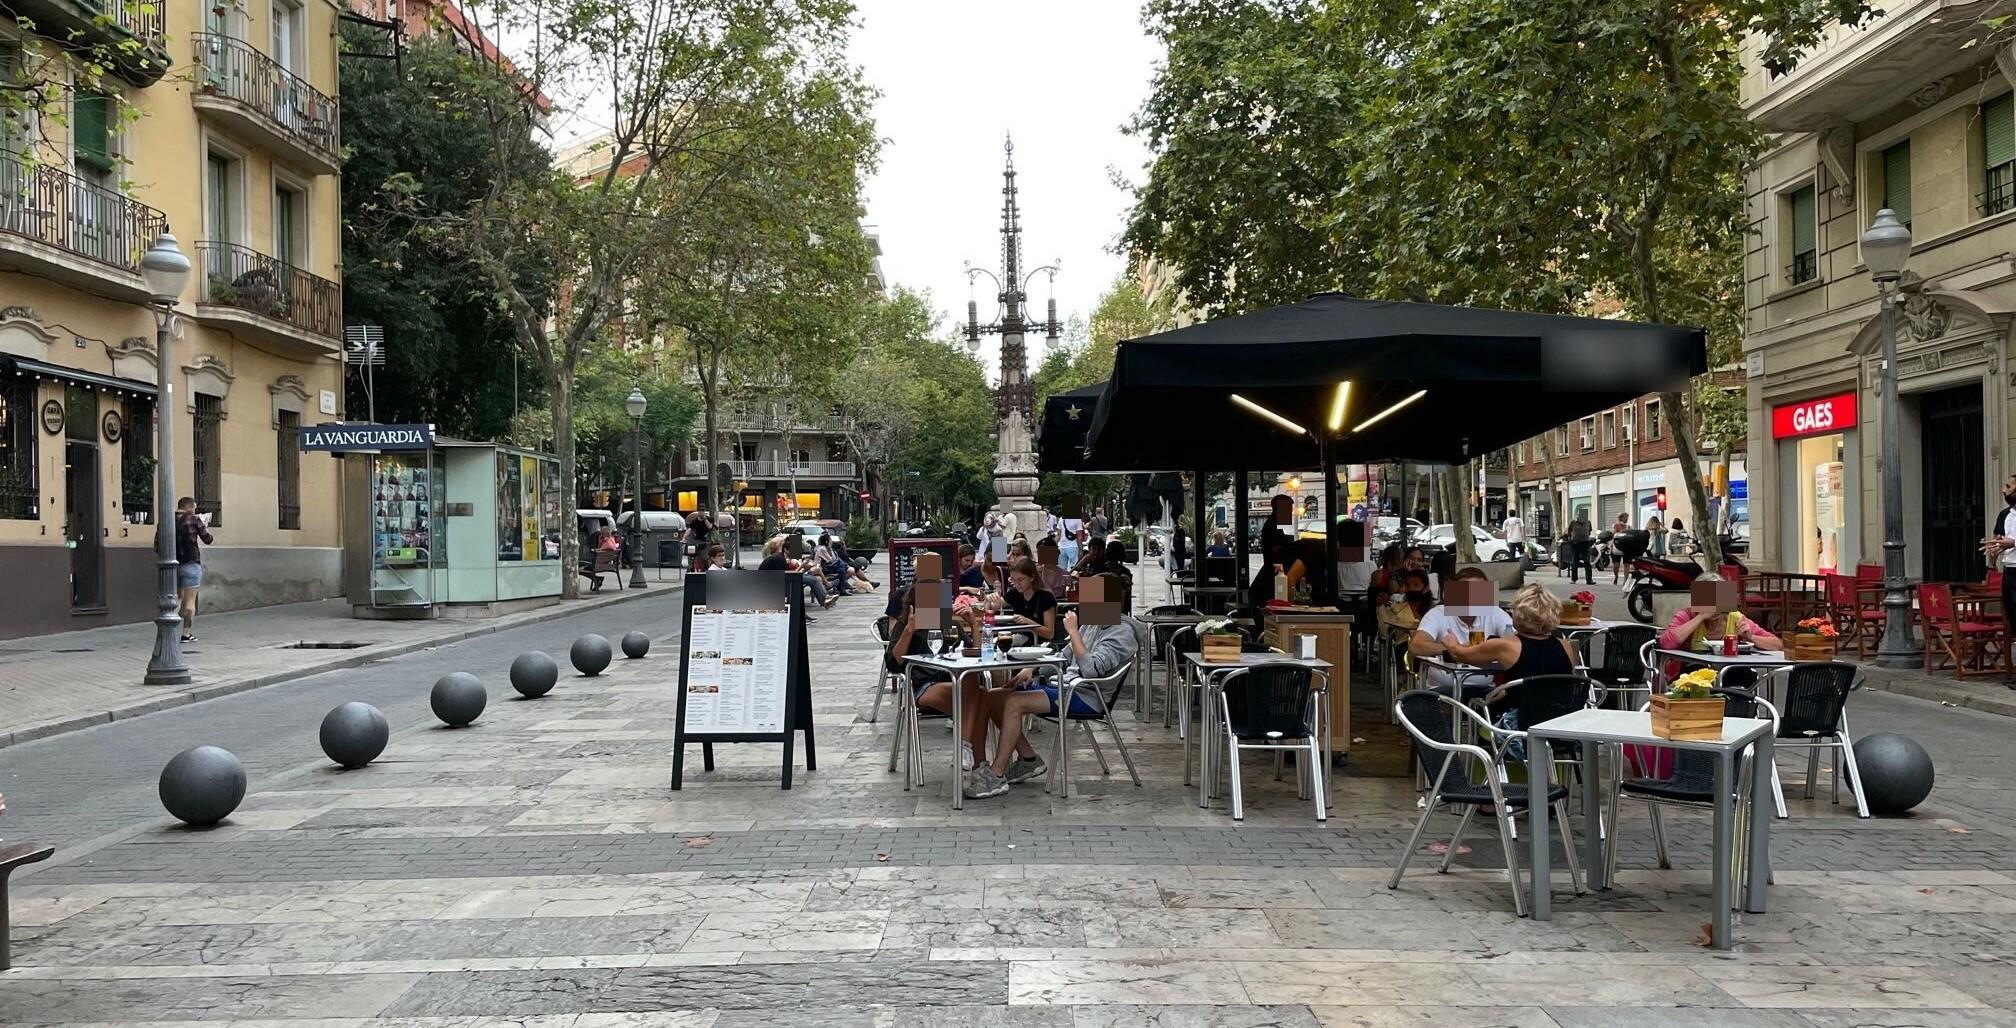 Avda de Gaudí, 23 - un episodi més de l'OKUPACIÓ total de taules a l'avinguda !!!